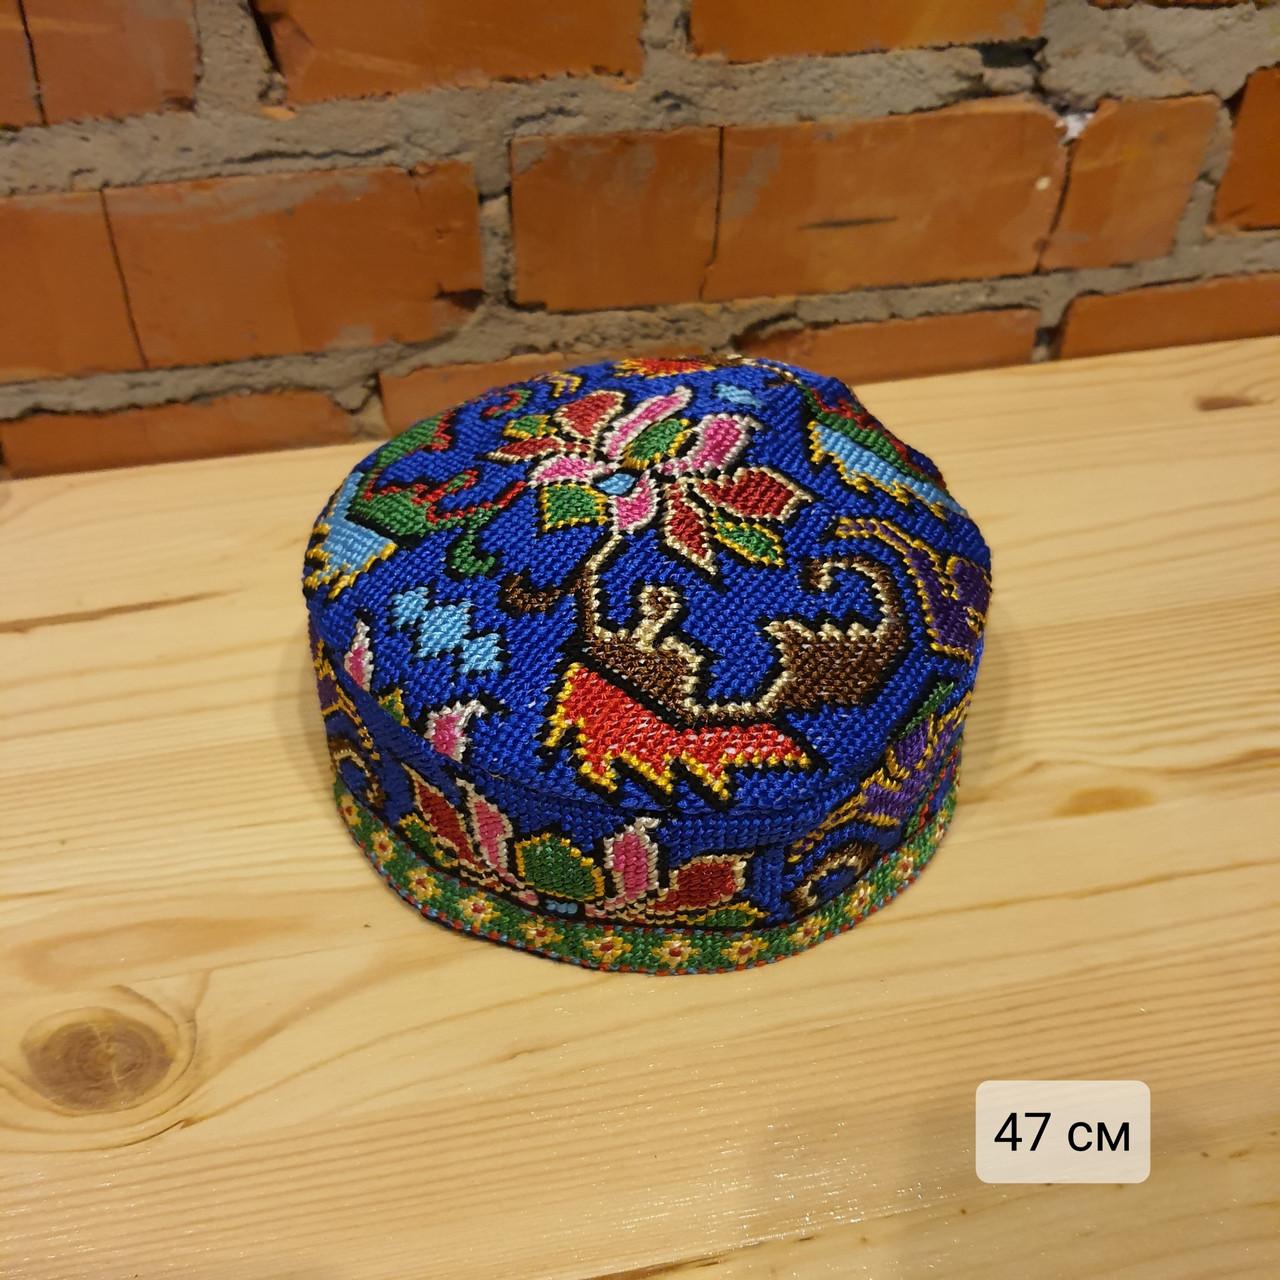 Узбекская тюбетейка 47 см. Ручная вышивка. Узбекистан (48)